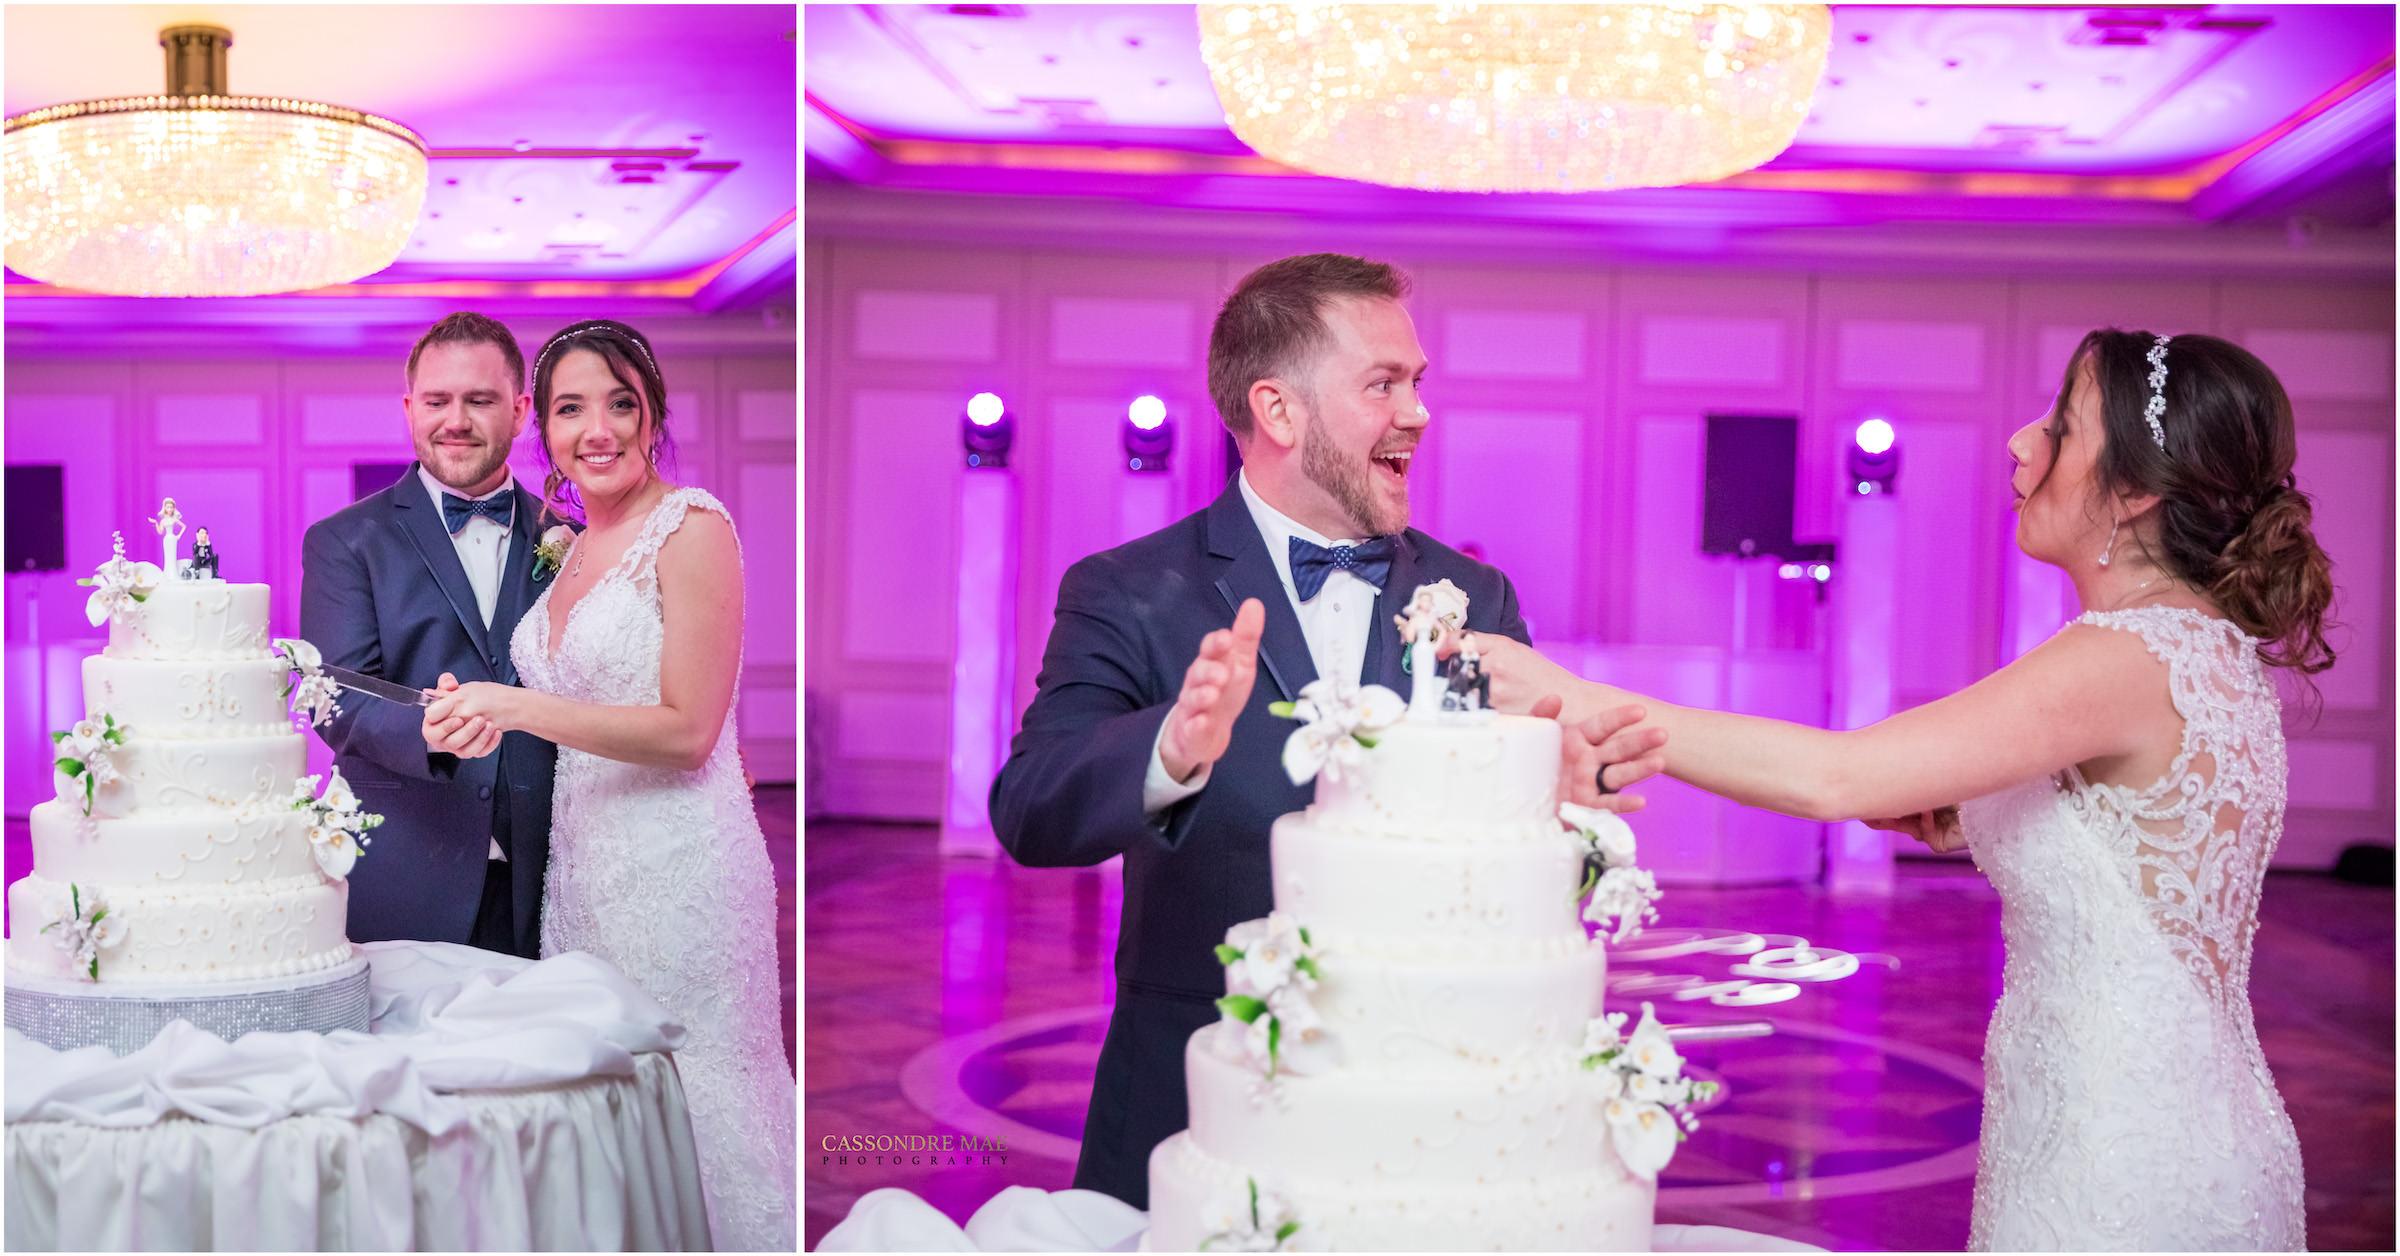 Cassondre Mae Photography Marina Del Ray Weddings 2.jpg